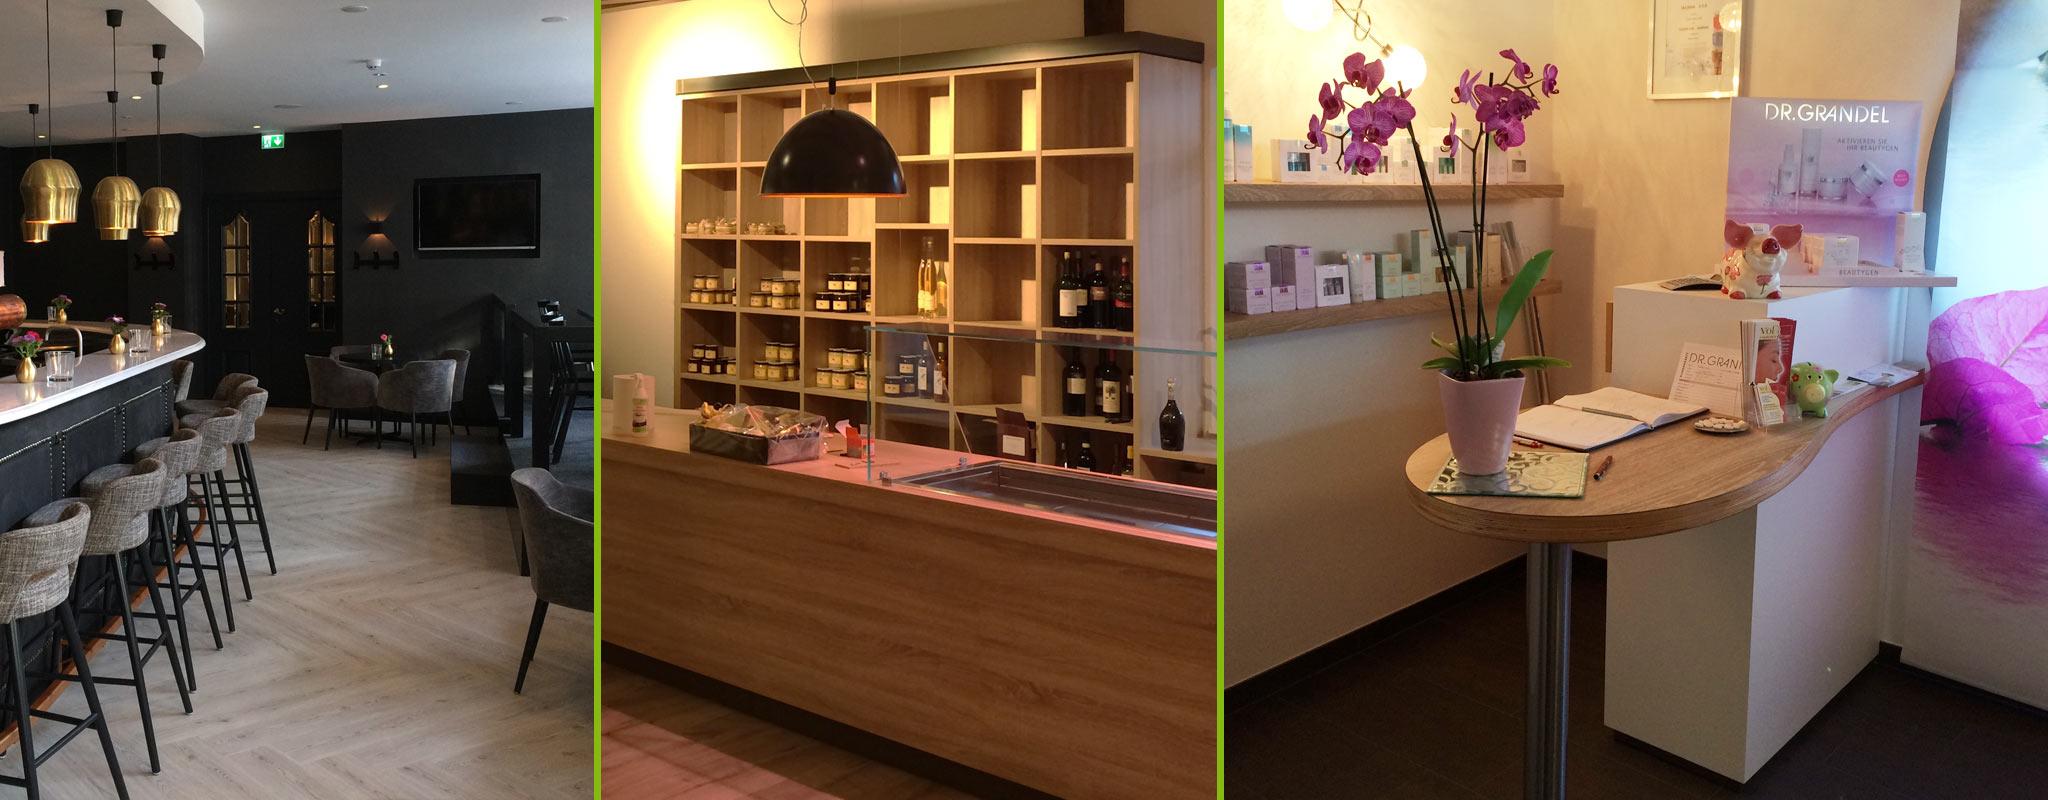 Tischlerei wohndesign hildesheim tischler m beltischler for Wohndesign 2